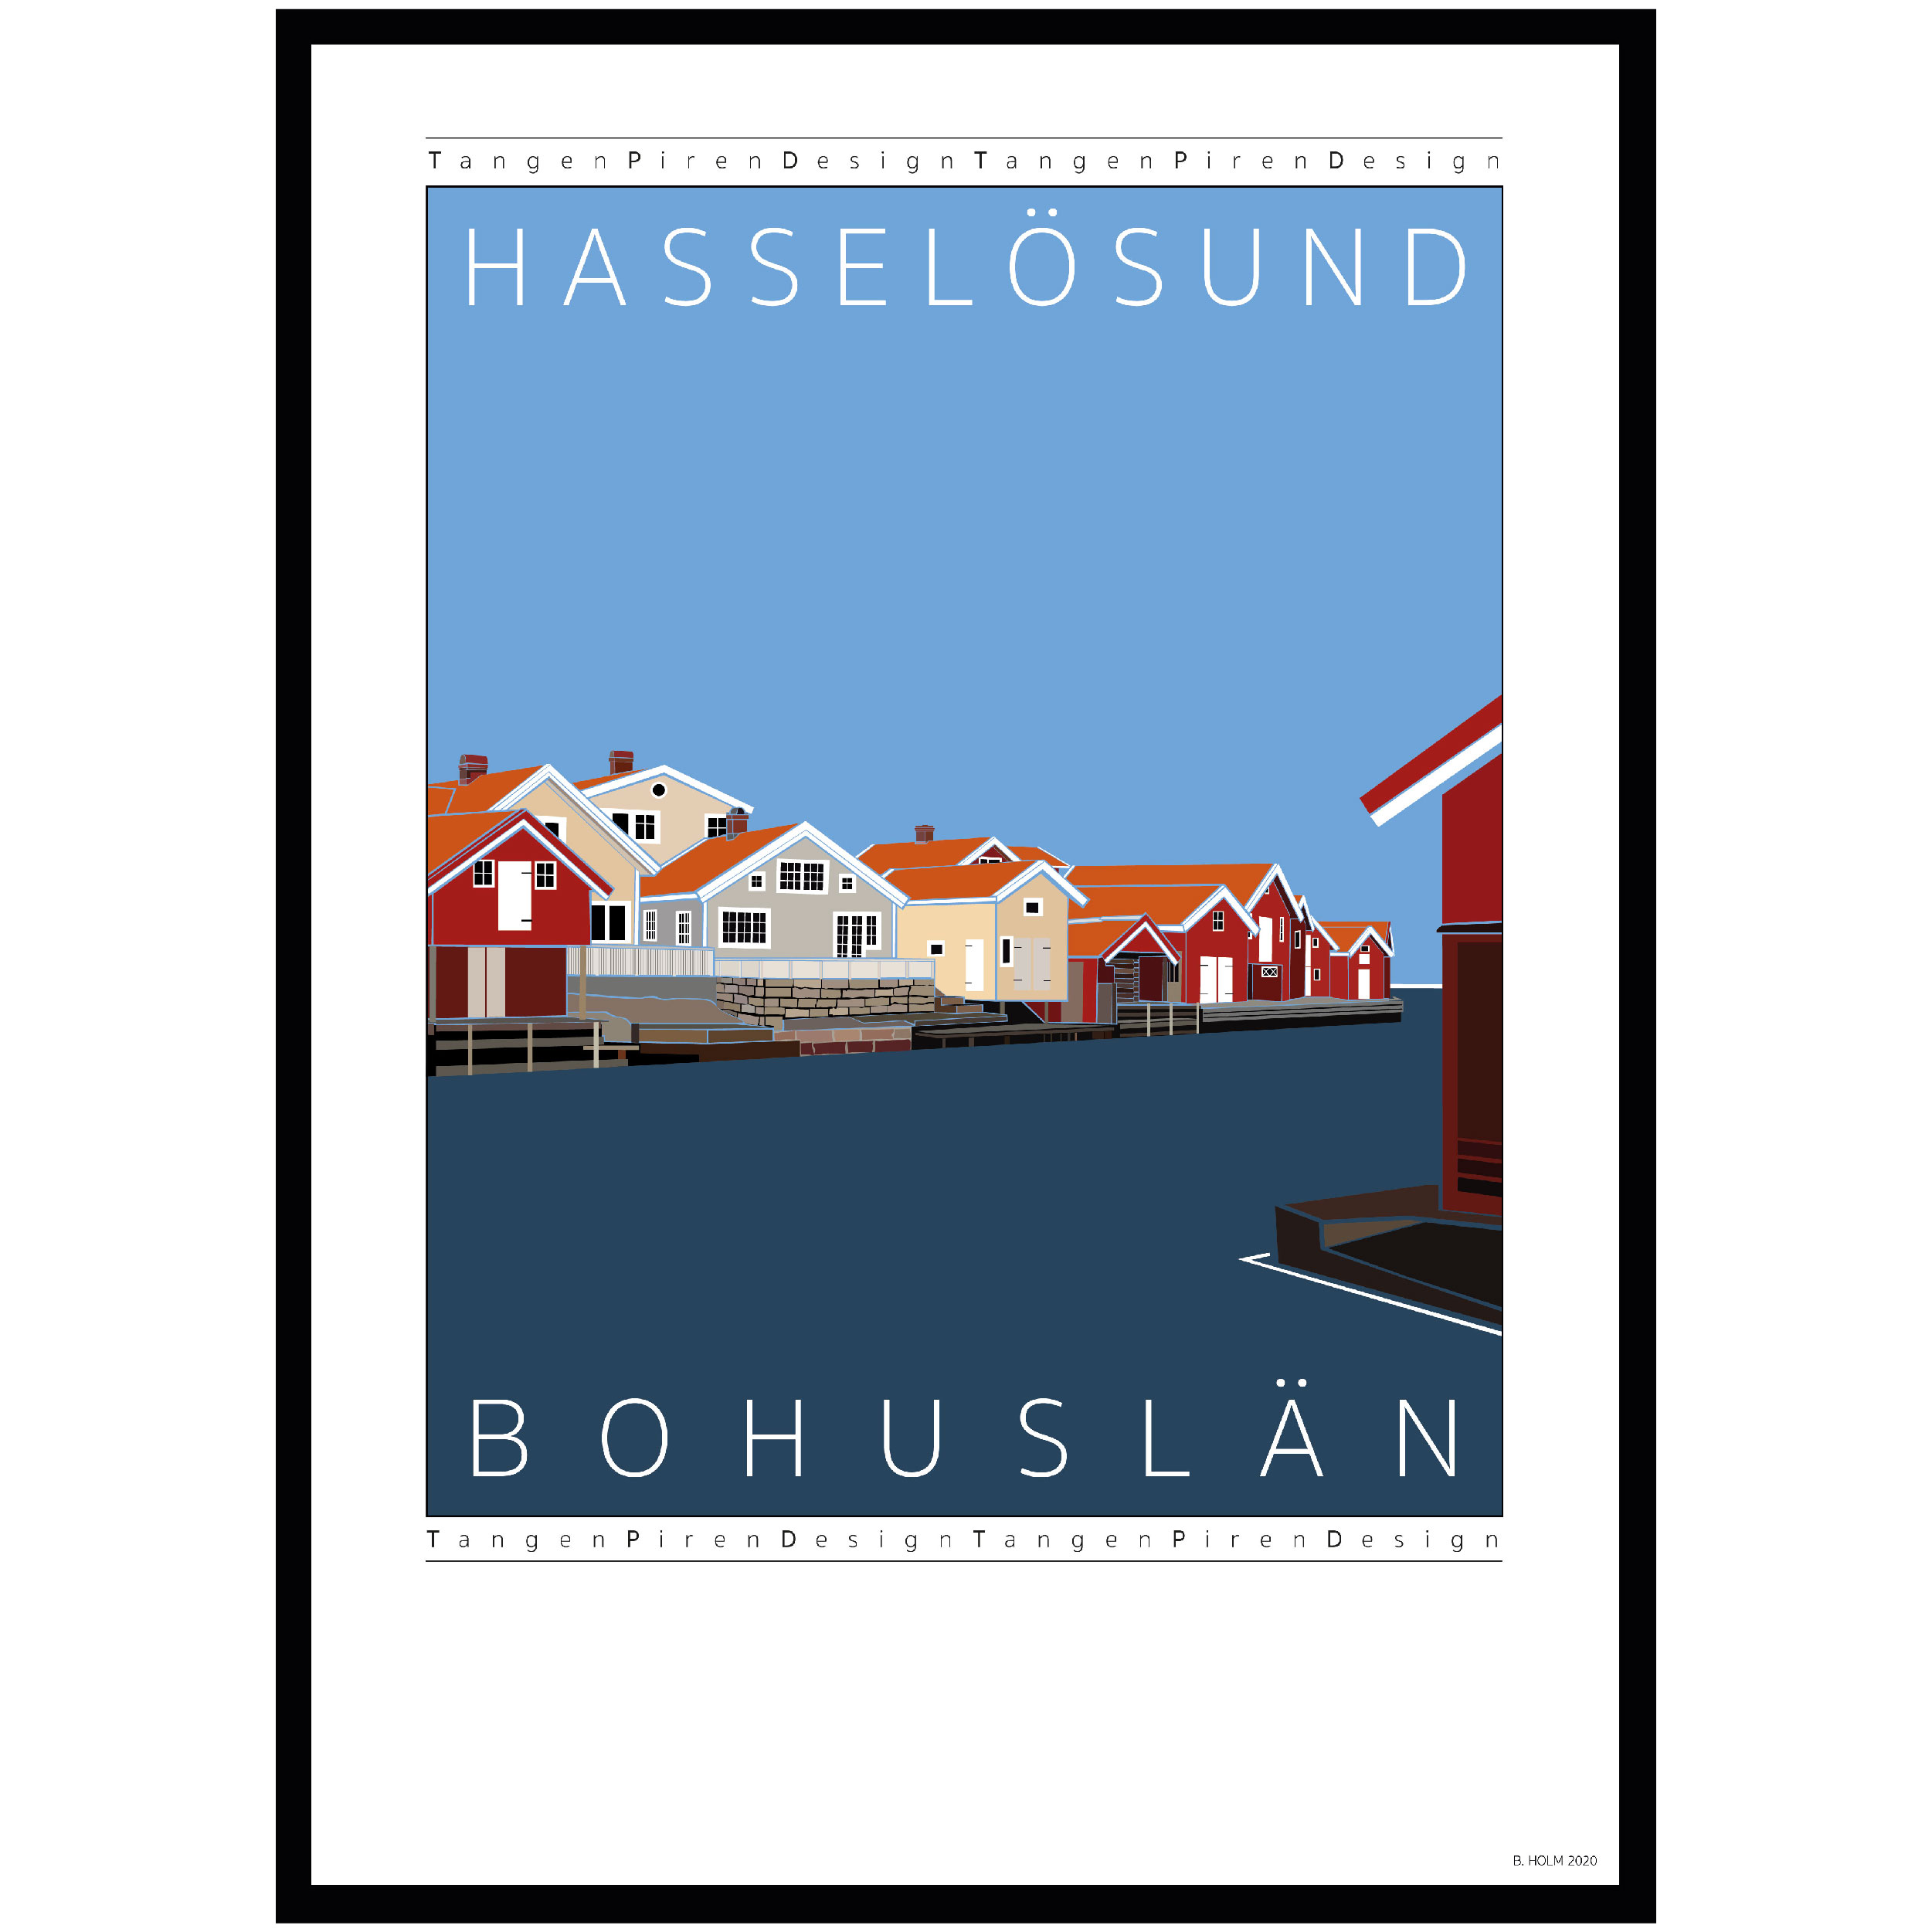 A021 Poster Hasselösund